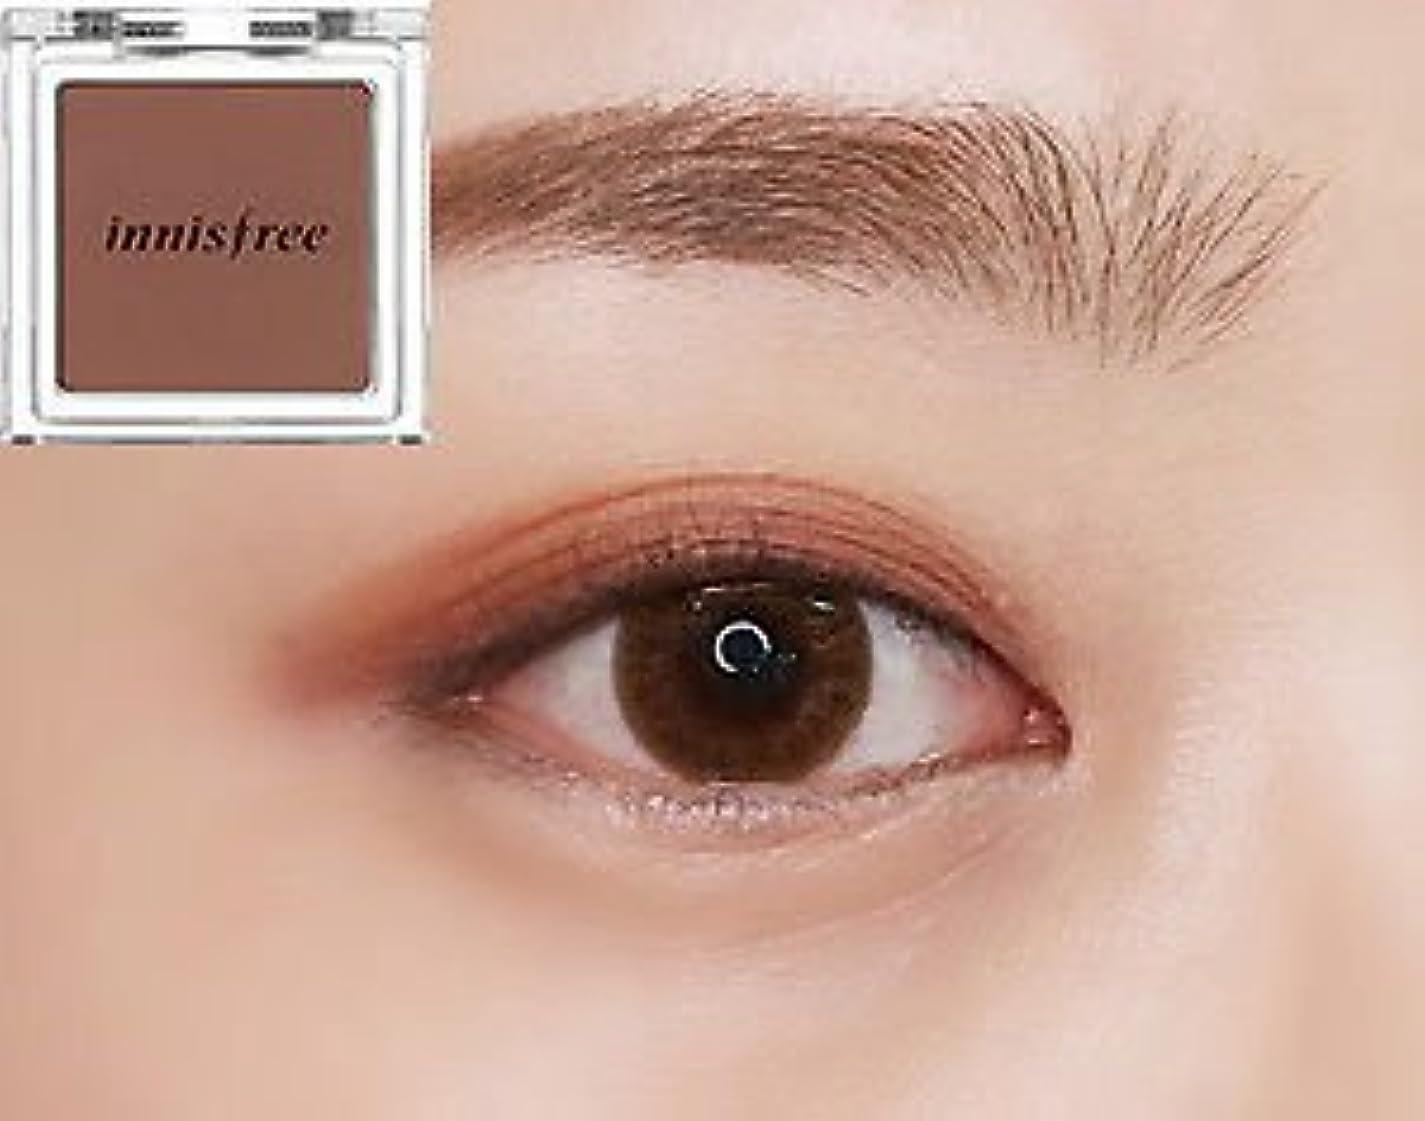 スピーカーによると重なる[イニスフリー] innisfree [マイ パレット マイ アイシャドウ (マット) 40カラー] MY PALETTE My Eyeshadow (Matte) 40 Shades [海外直送品] (マット #14)